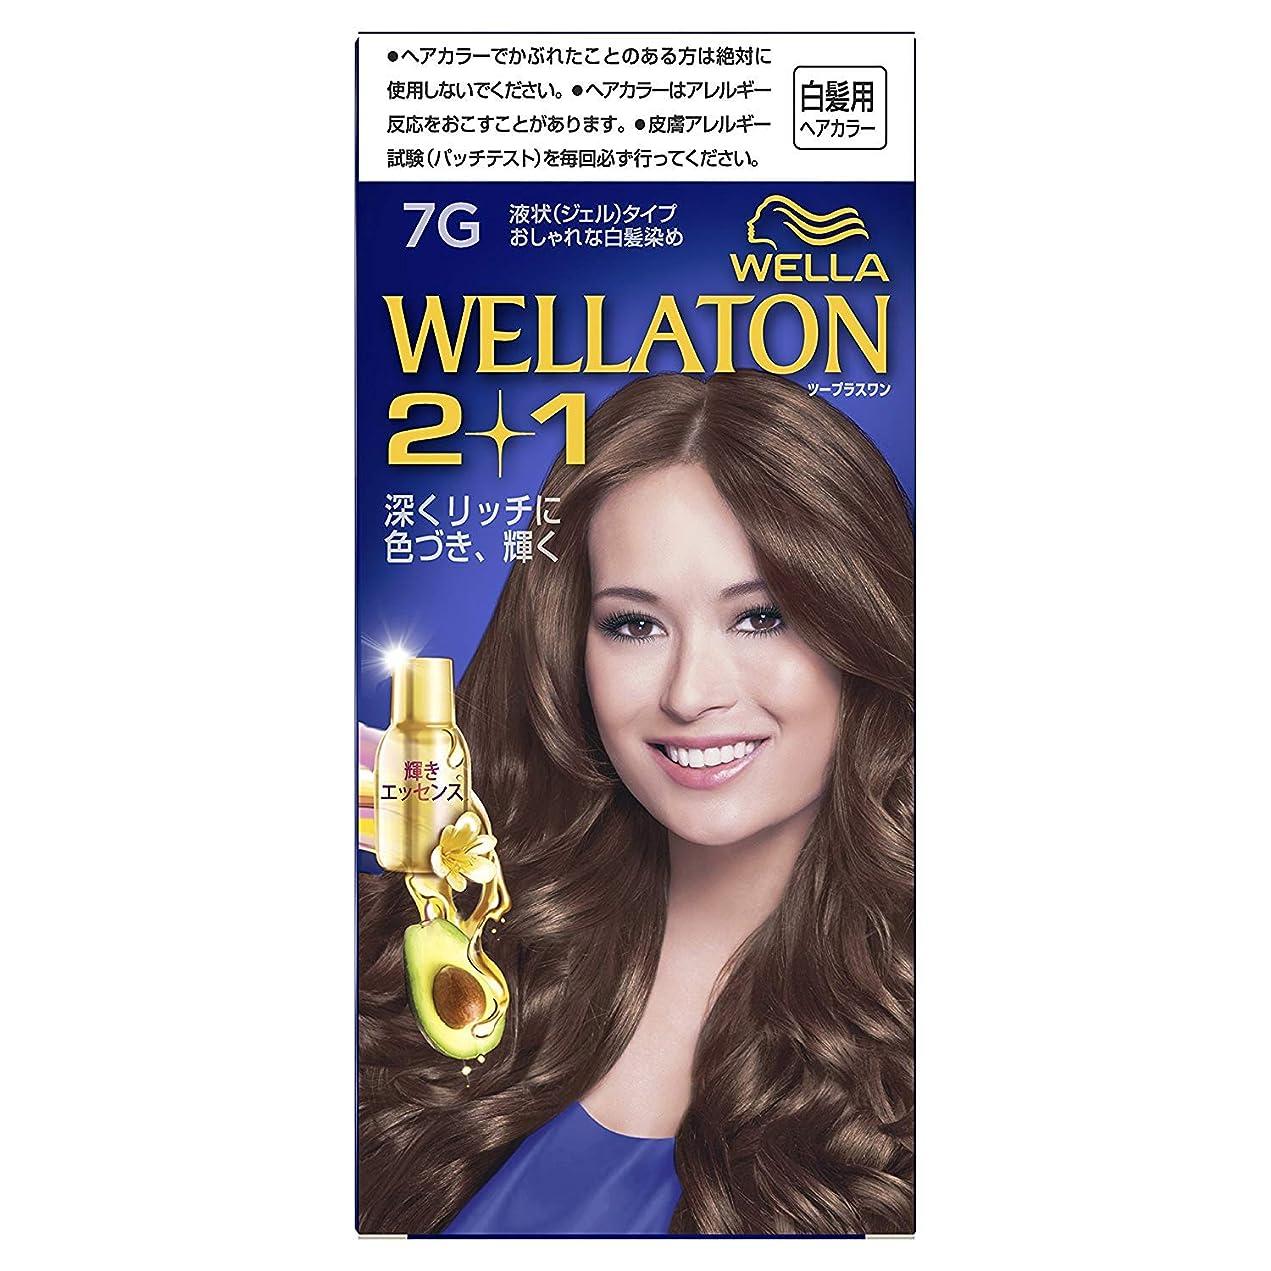 費やす割り当て放射するウエラトーン2+1 白髪染め 液状タイプ 7G [医薬部外品] ×6個